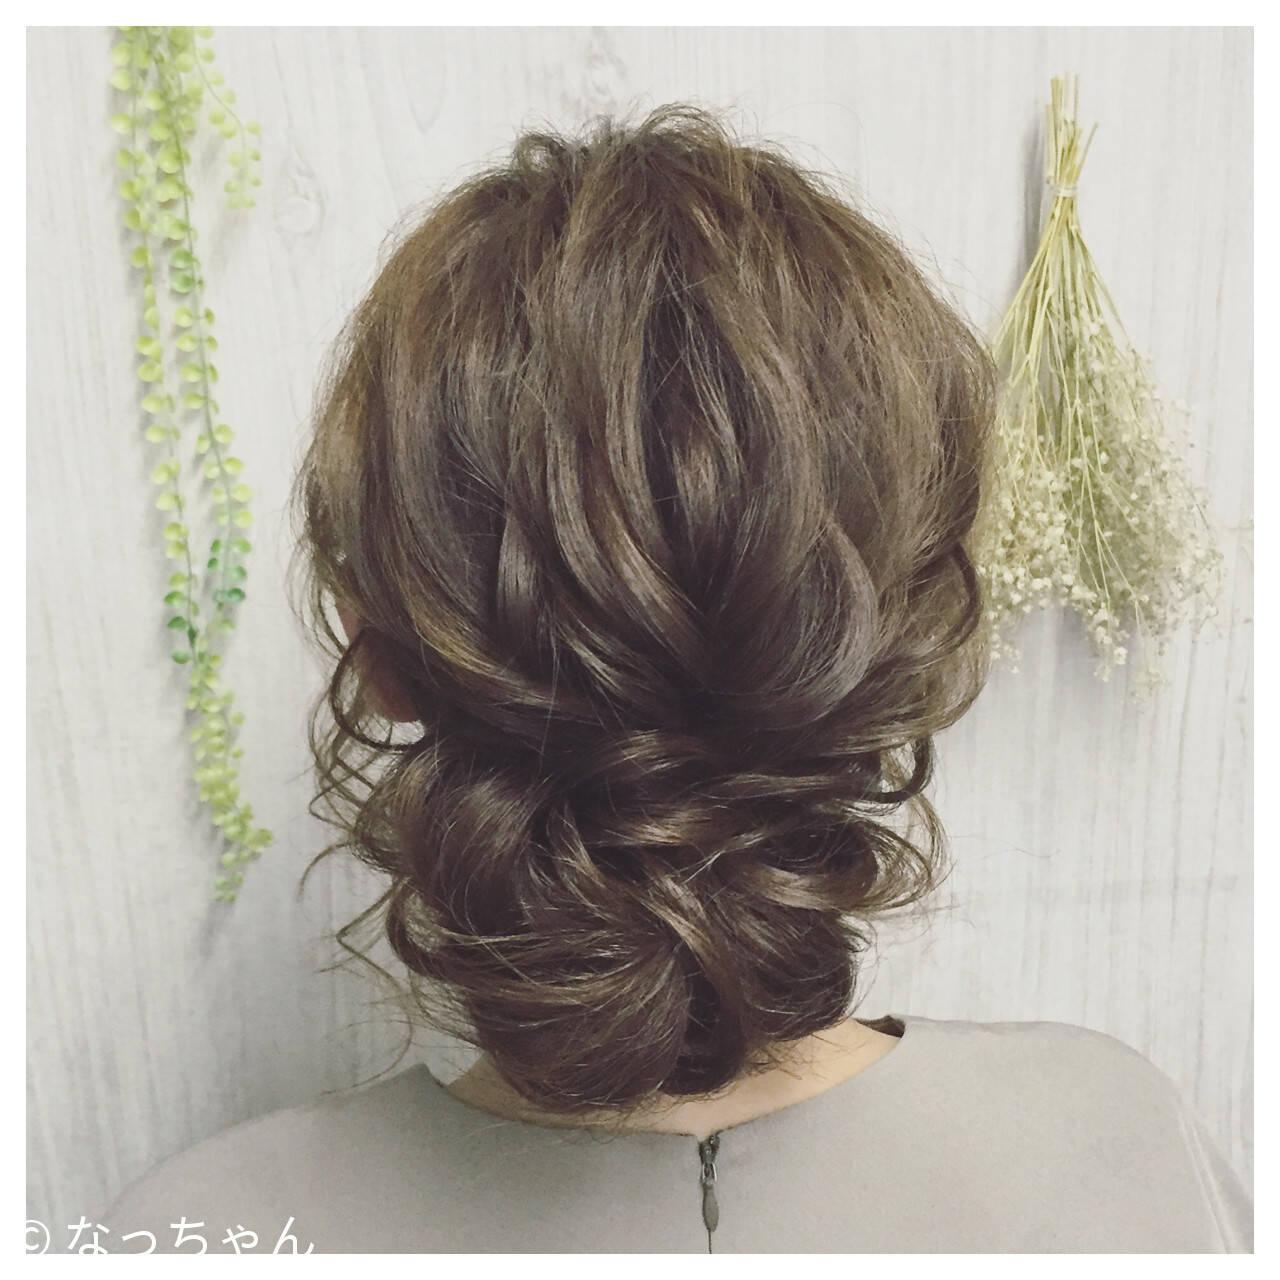 パーティ ロング お呼ばれ 結婚式ヘアスタイルや髪型の写真・画像